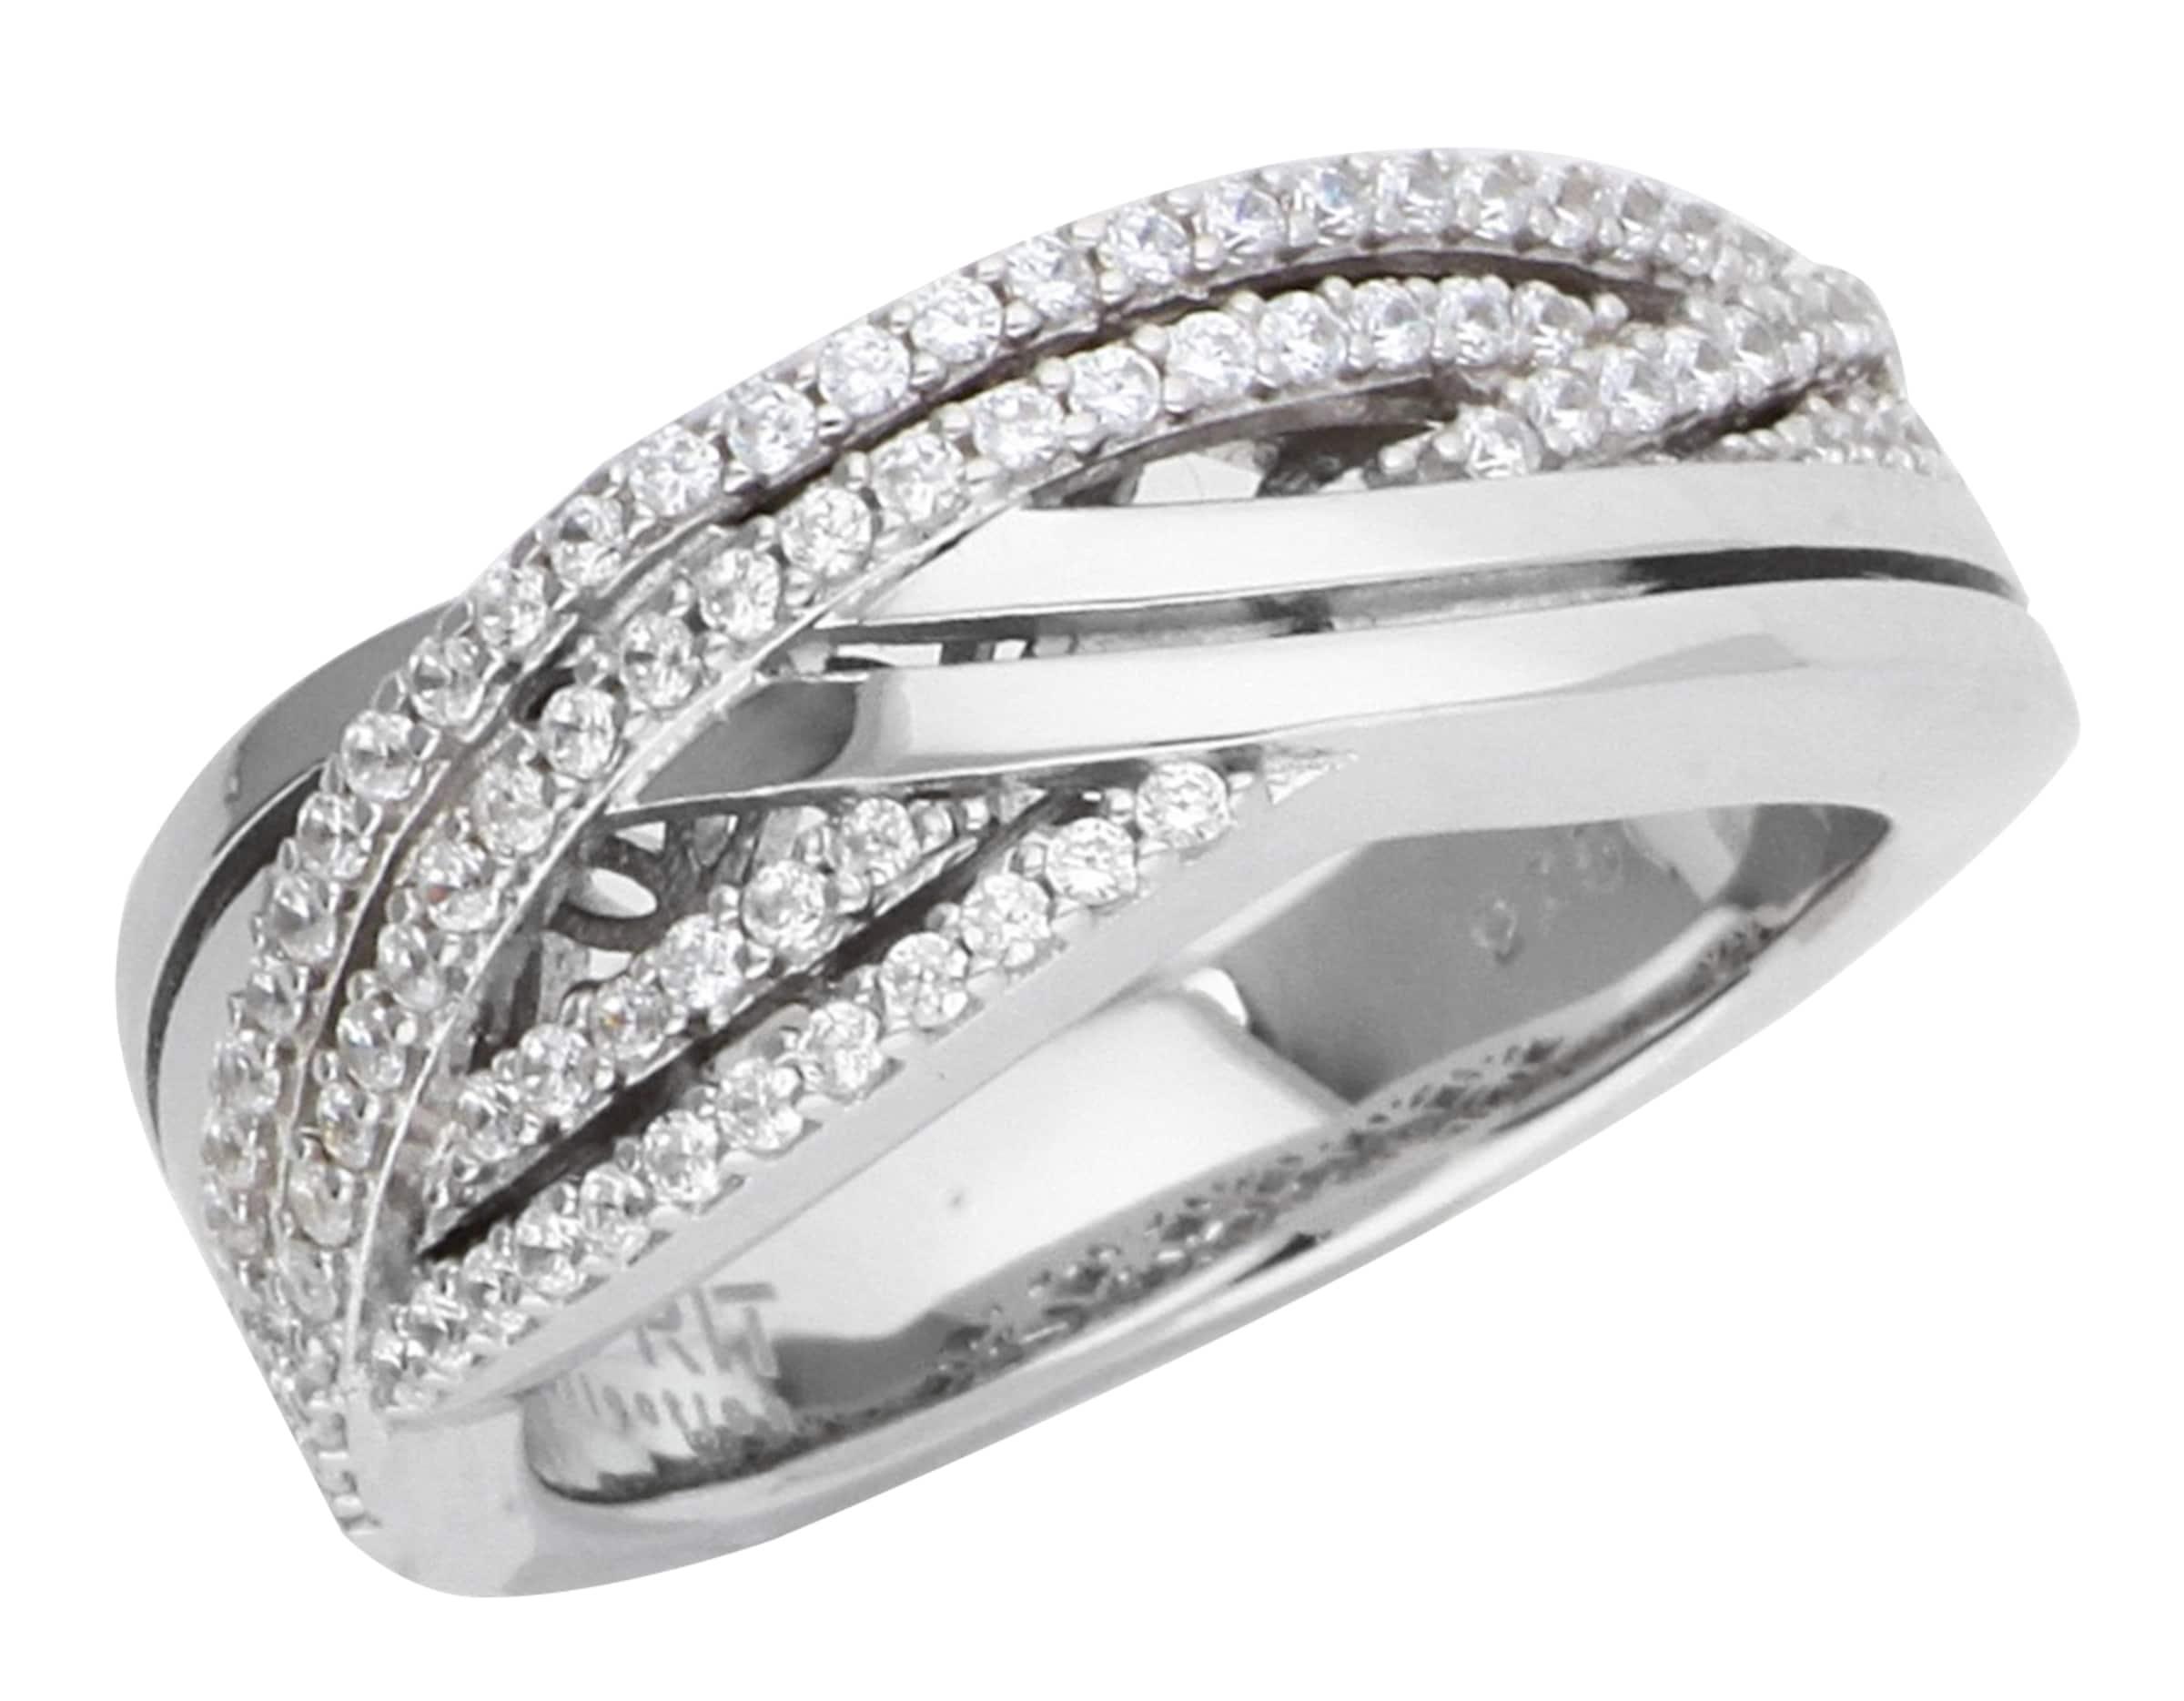 ESPRIT Ring Cleodora mit Zirkonia-Steinbesatz ELRG91875A Vermarktbare Günstig Online Günstige Spielraum Store EIDTUGkq4